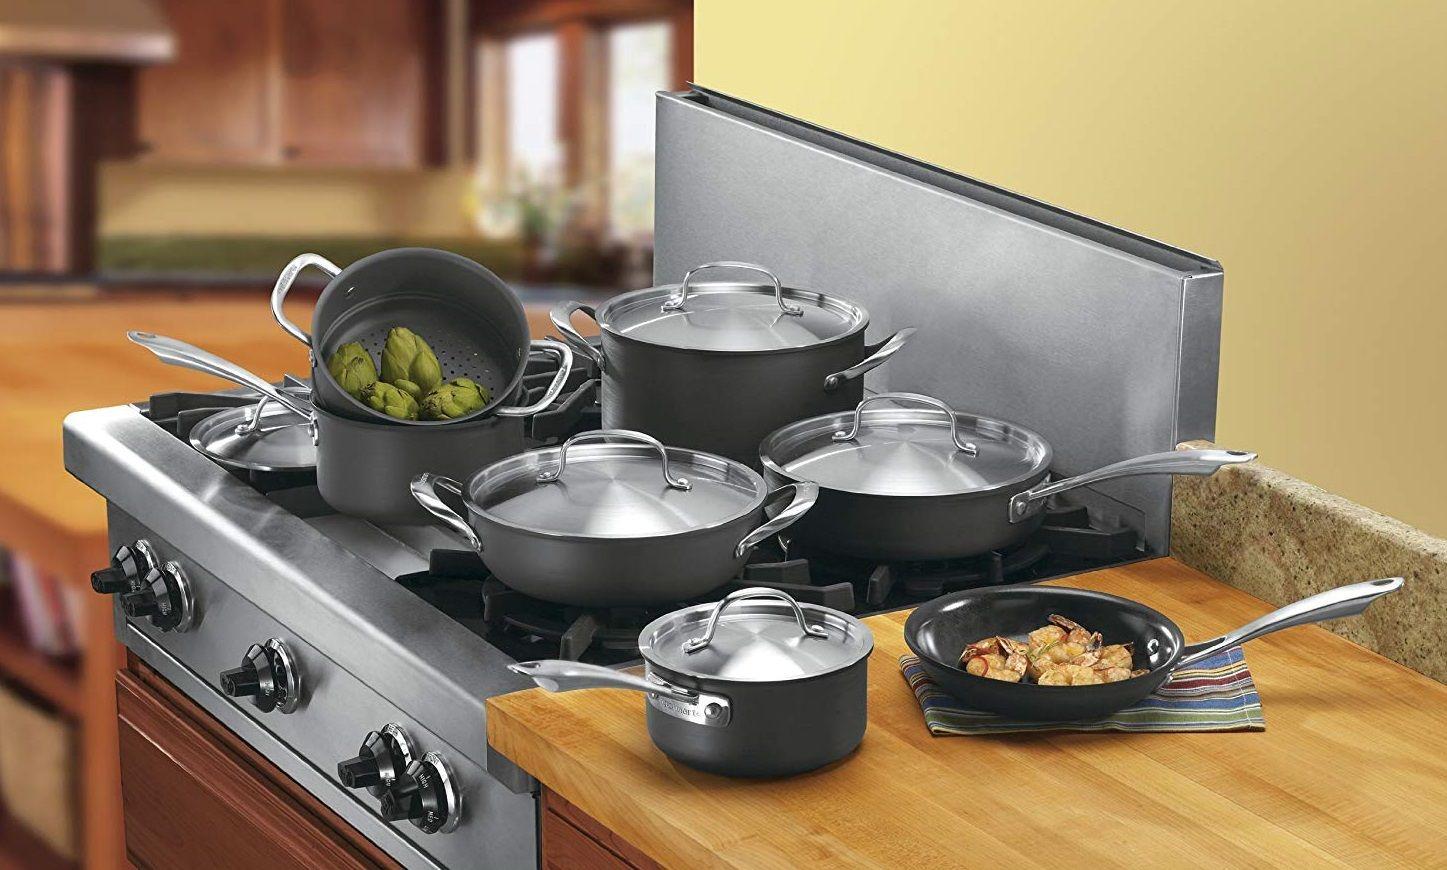 Best Pots And Pans Set Reviews Pots And Pans Set Non Stick Hard Anodized Cookware Pots And Pans Sets